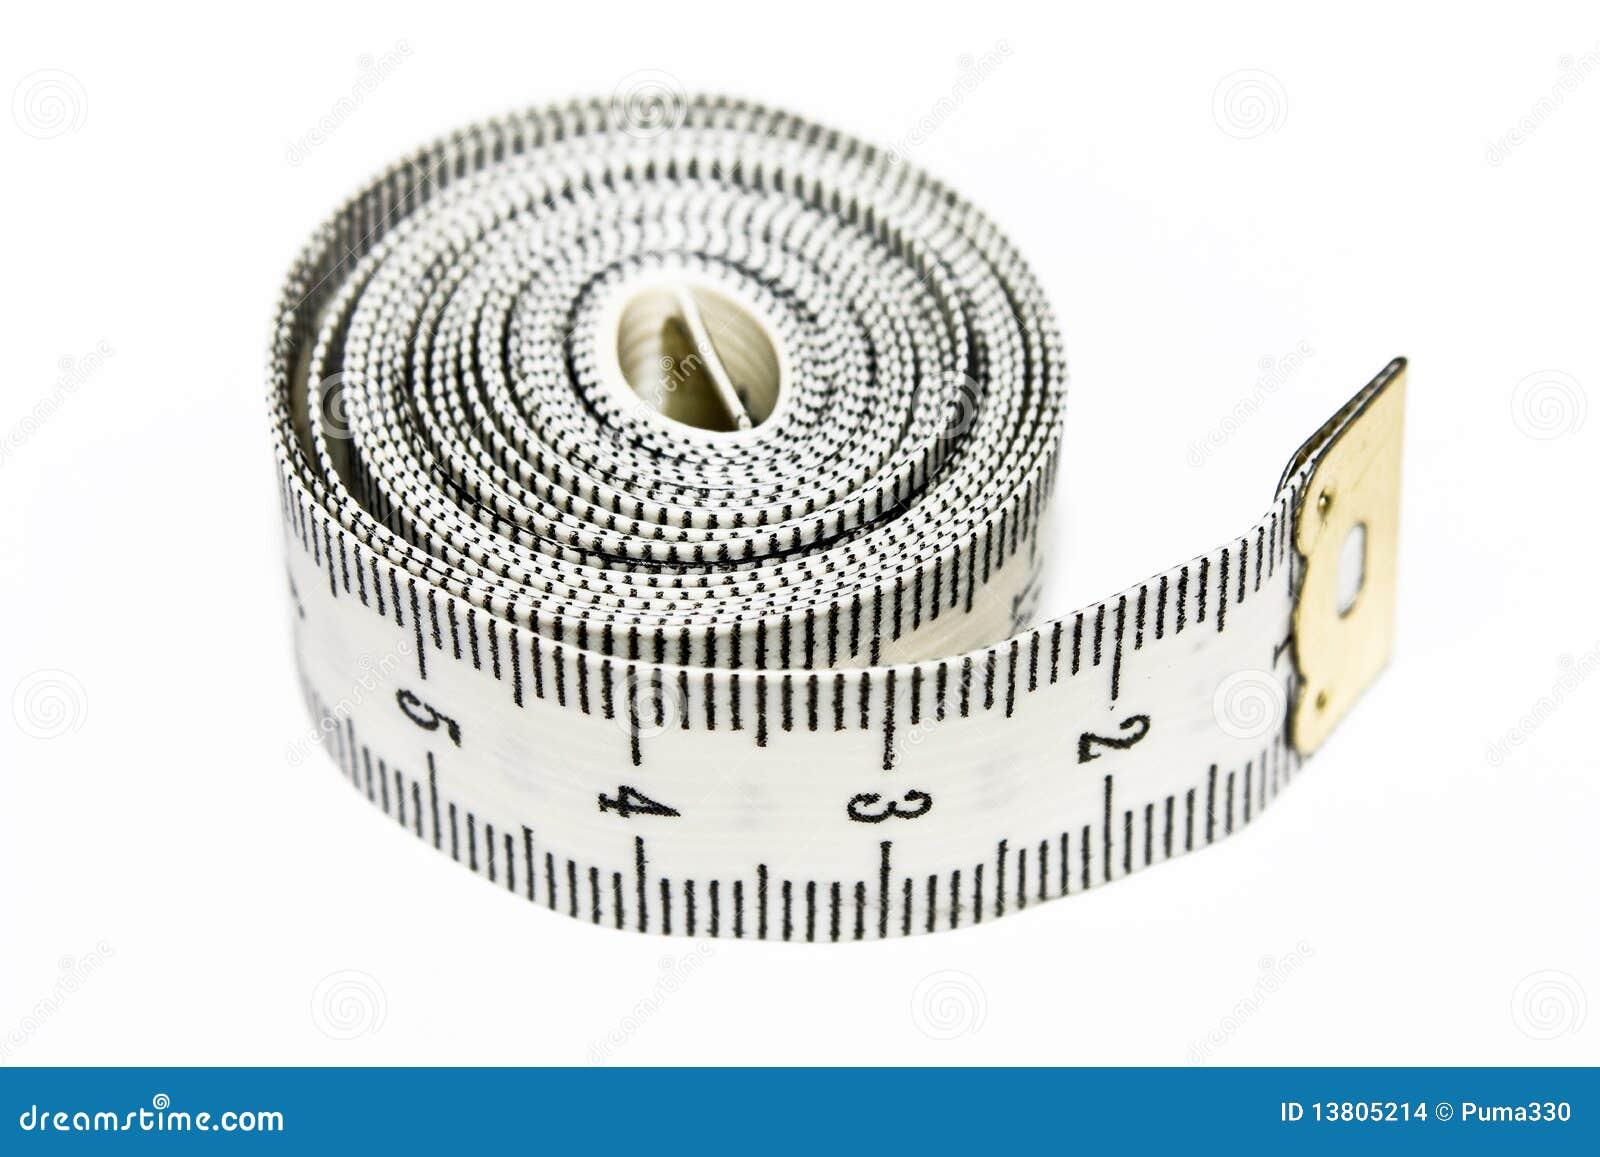 worksheet Centimeter tailor centimeter stock images image 13805214 centimeter